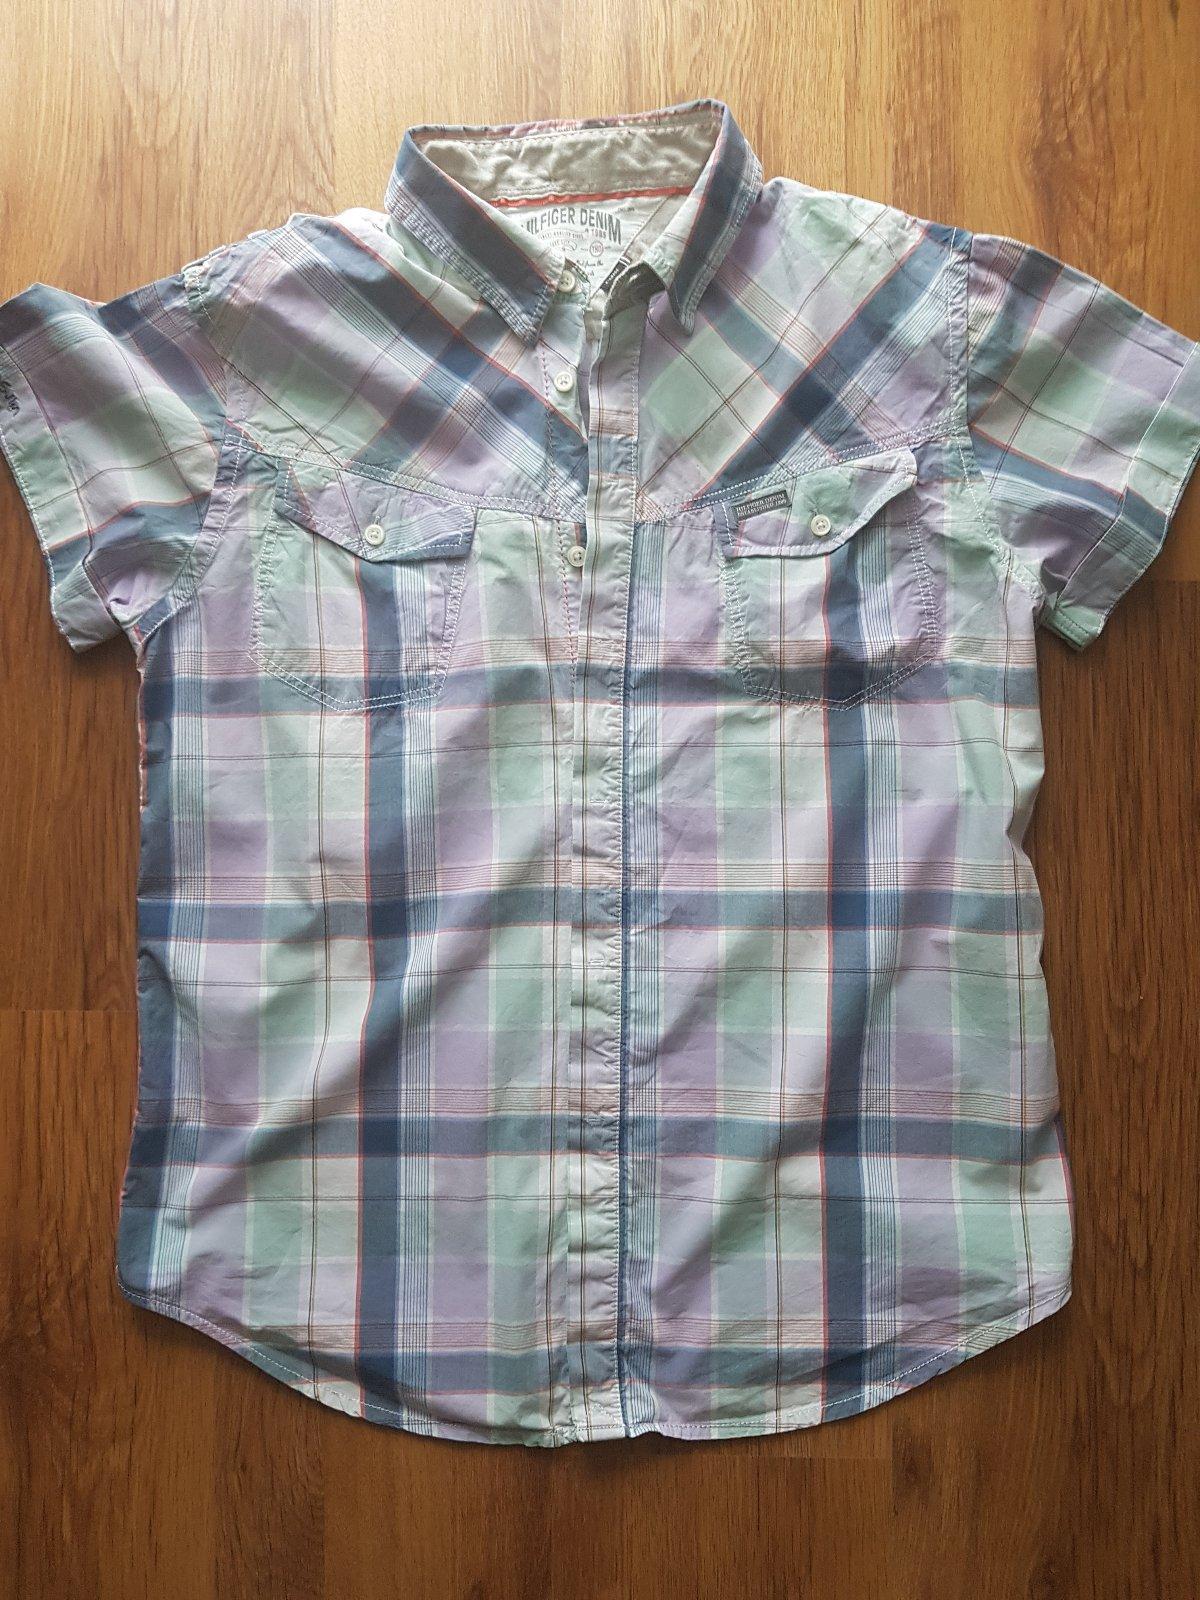 Th pánska károvaná košeľa 7b148807e6c